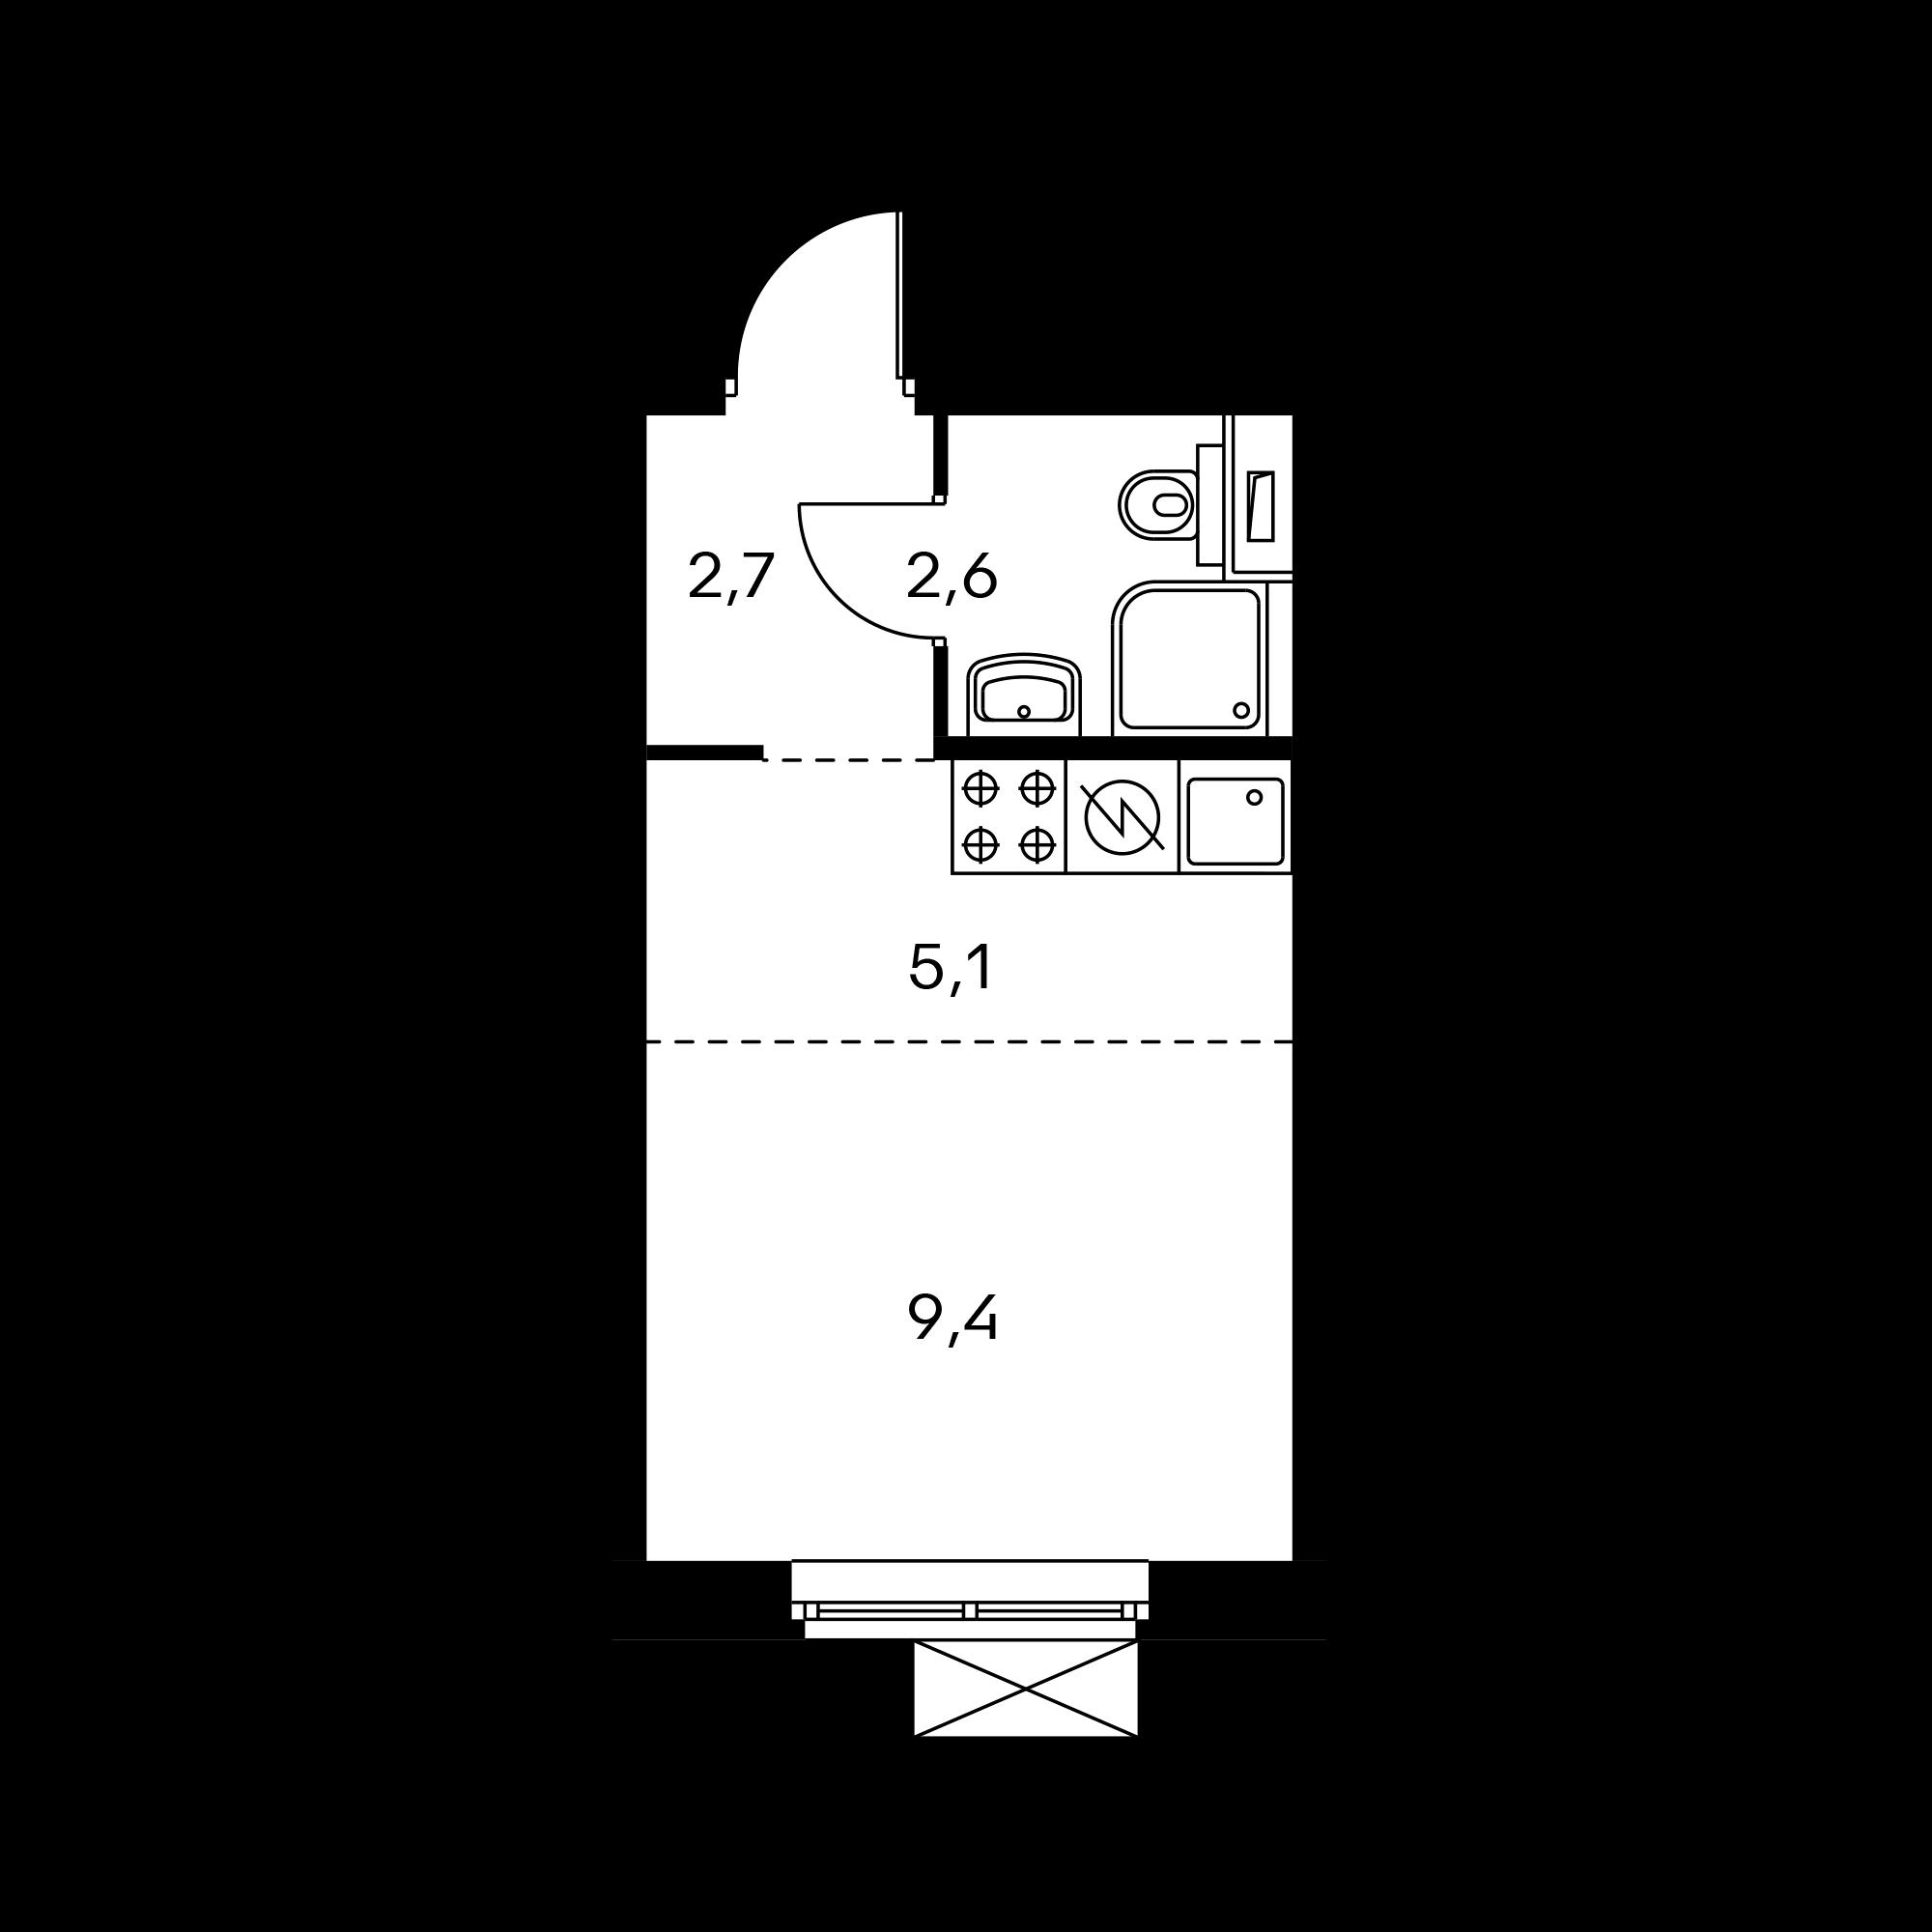 1NS1_3.6-1_S_A1